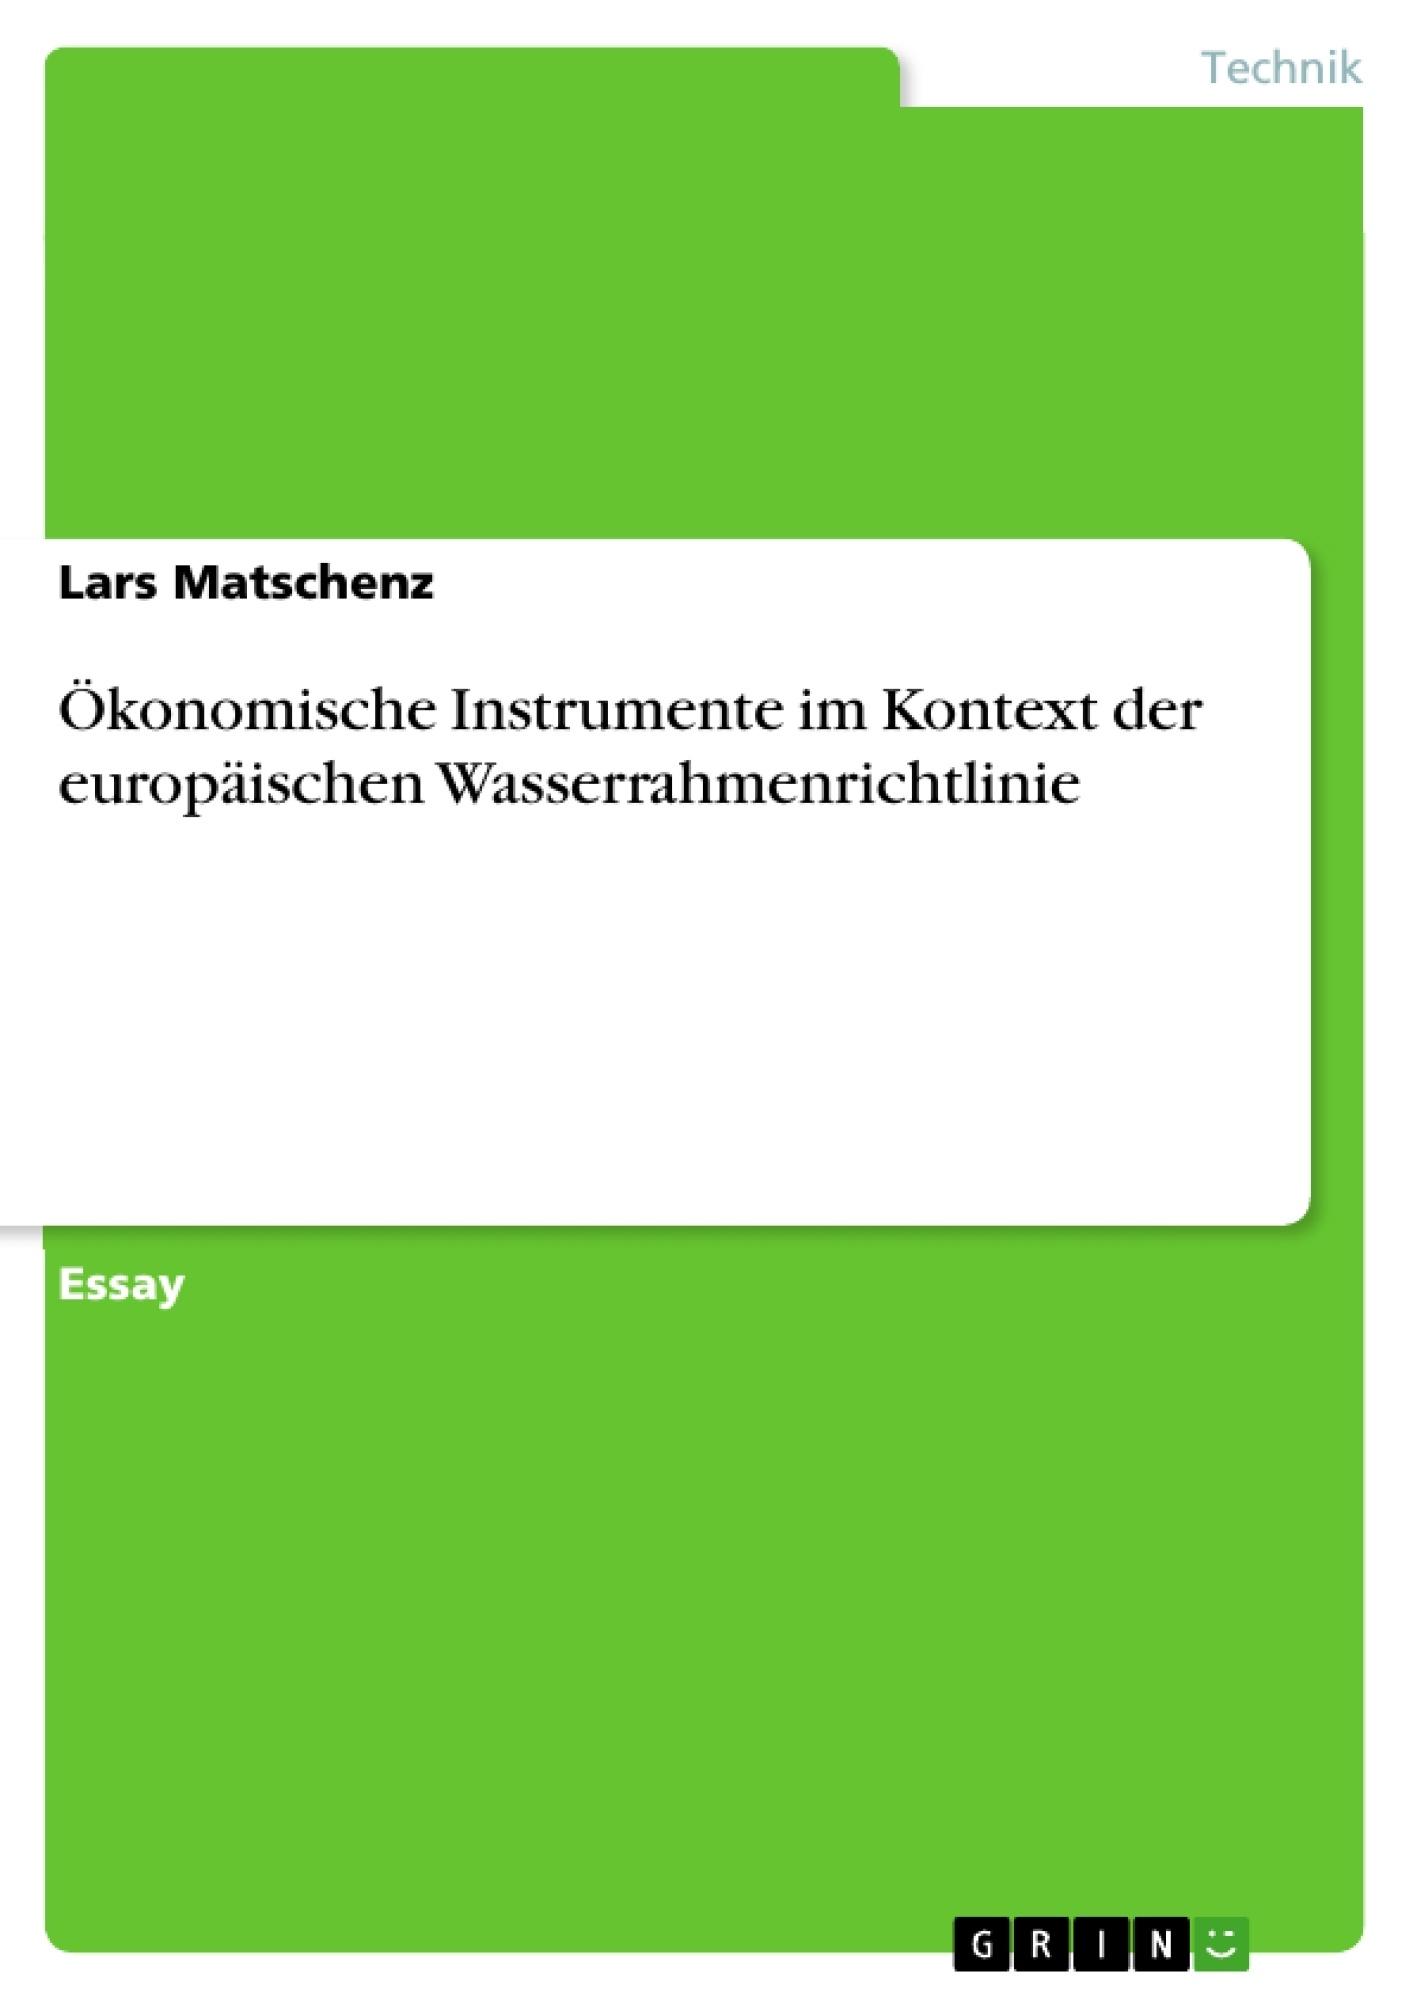 Titel: Ökonomische Instrumente im Kontext der europäischen Wasserrahmenrichtlinie